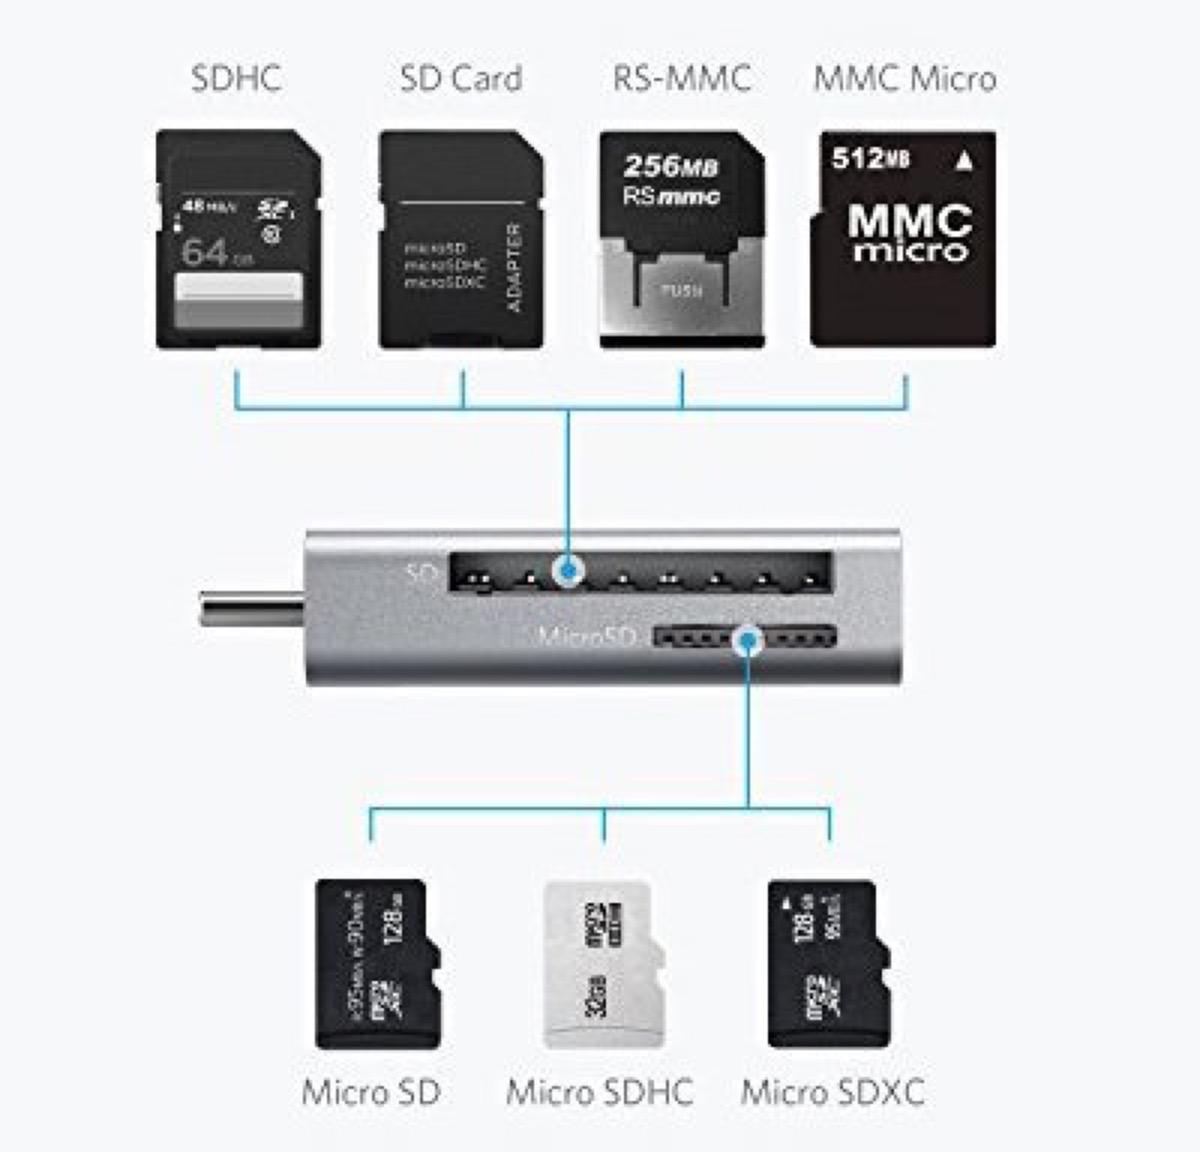 Lettore di schede SD e microSD per dispositivi USB-C a soli 9,99 euro